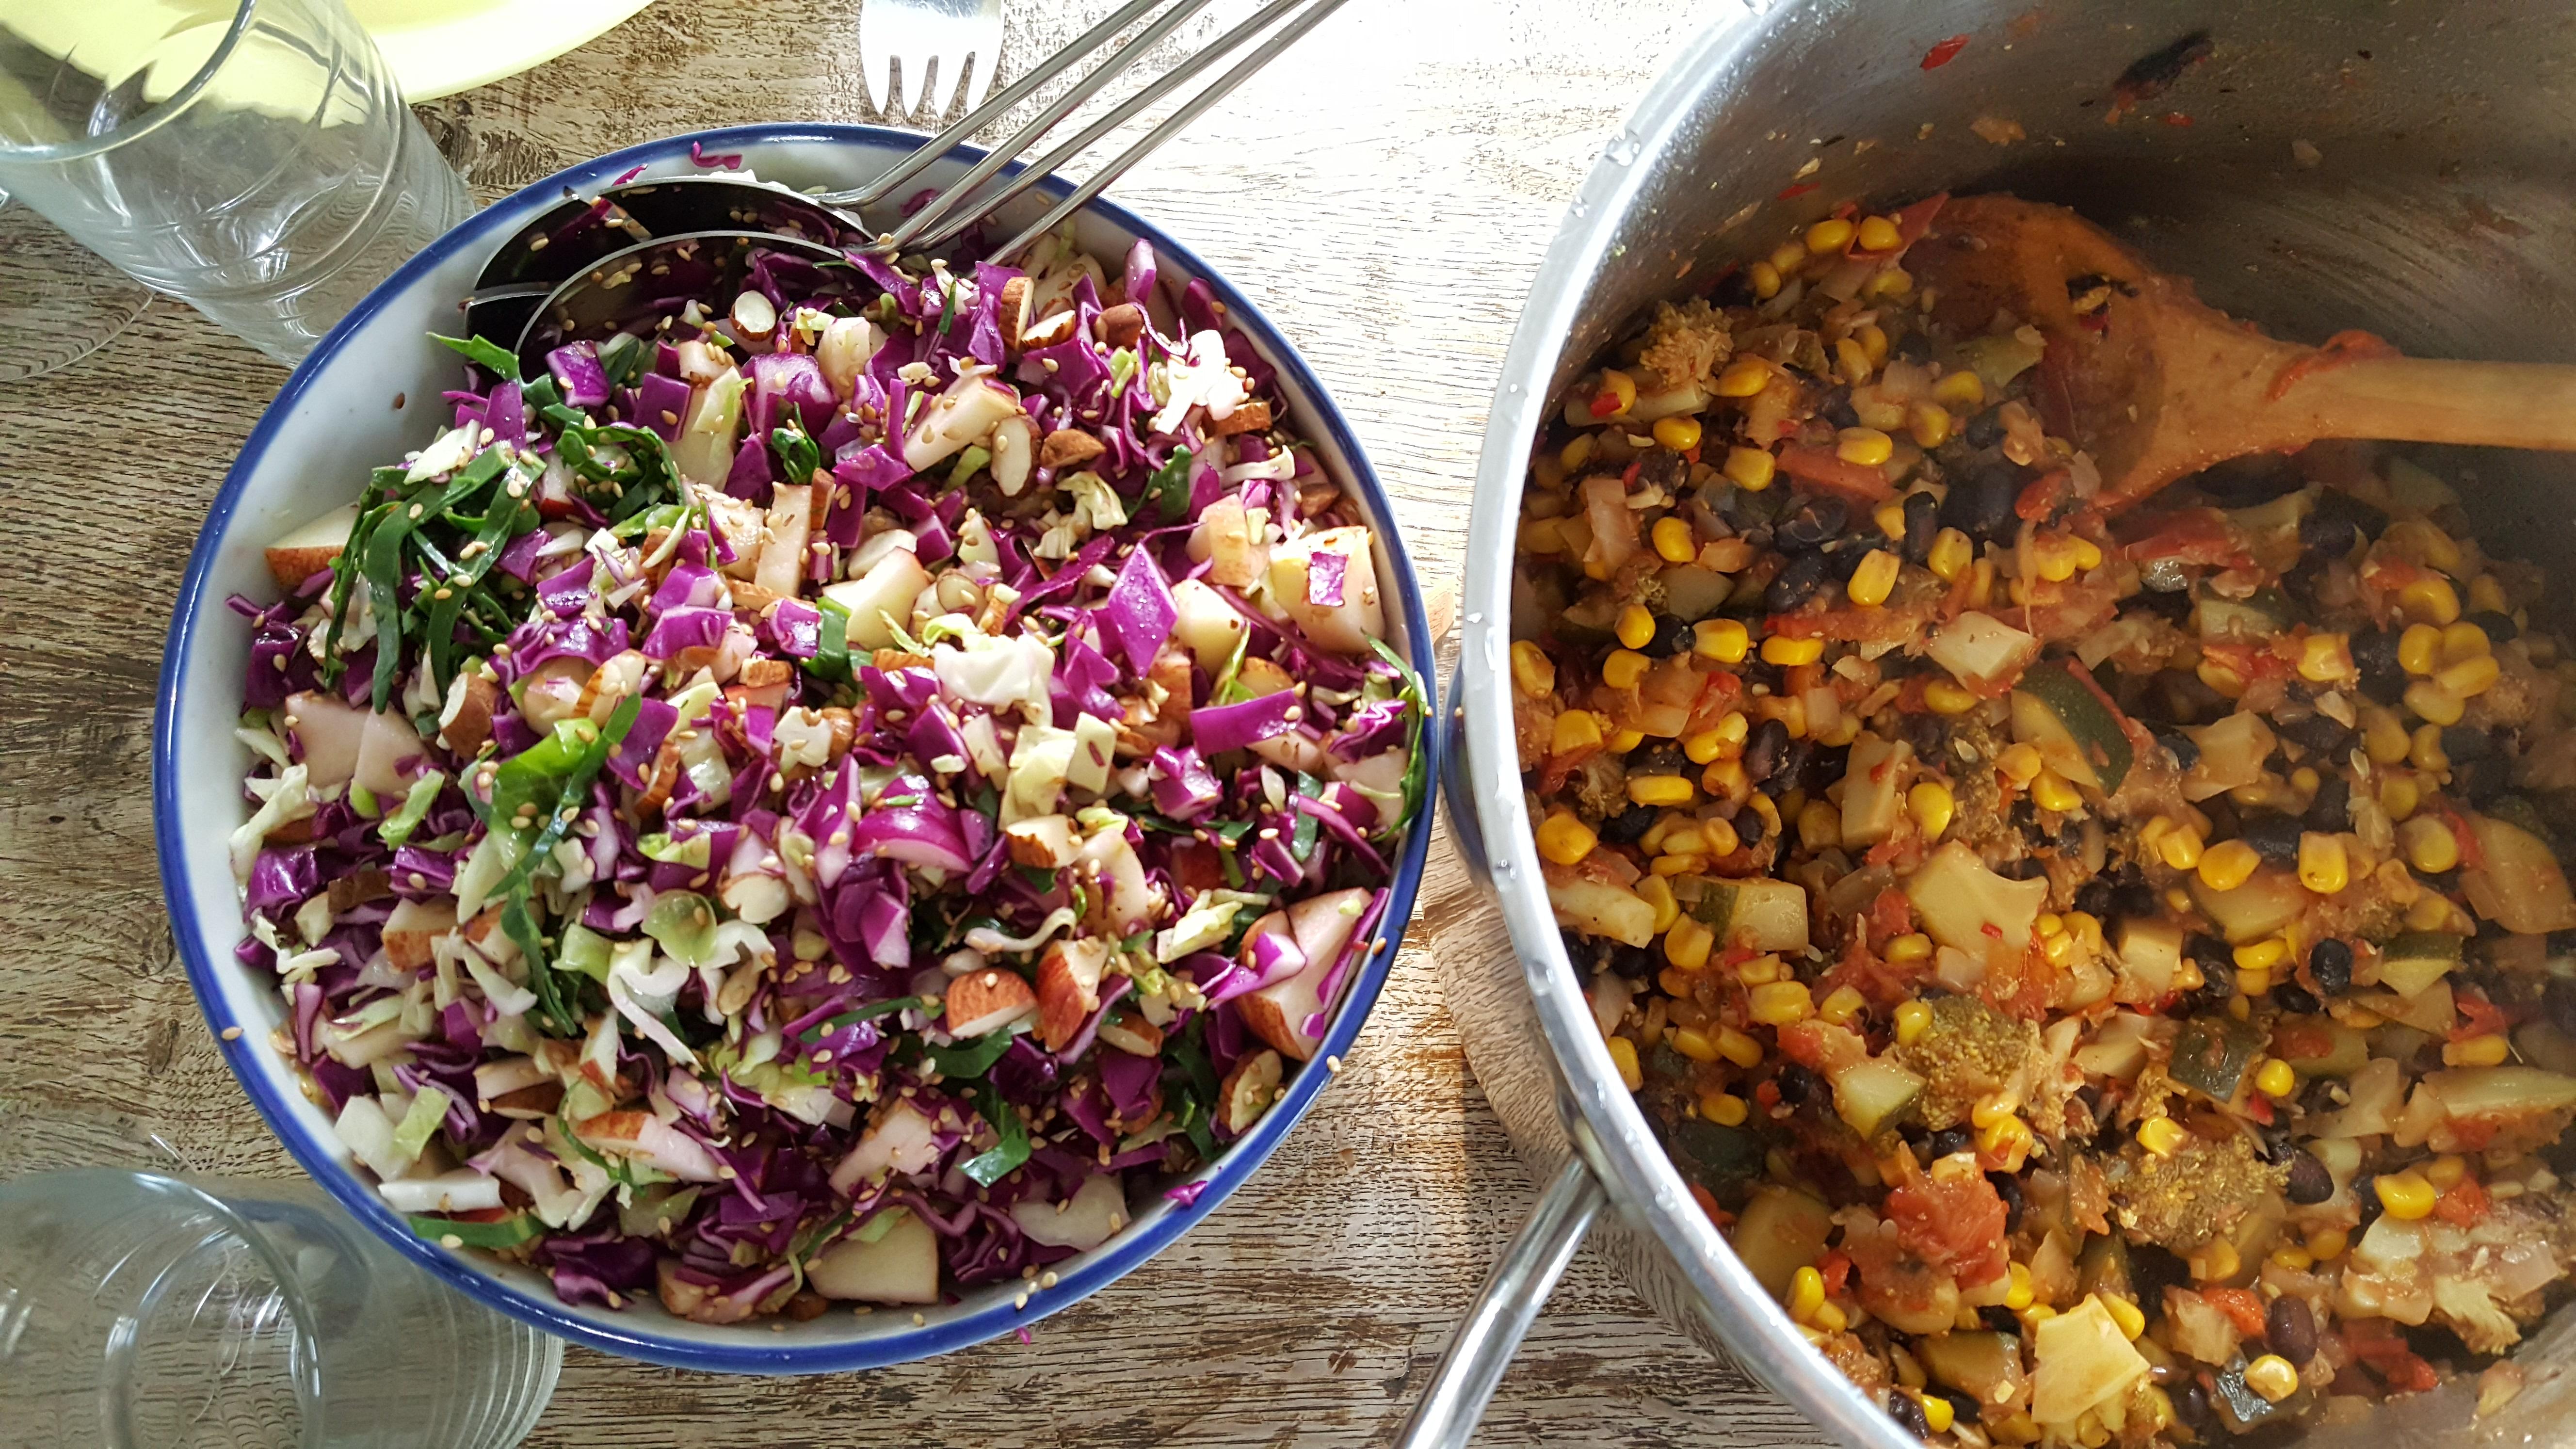 Spidskålssalat og reste-chili goji gryde